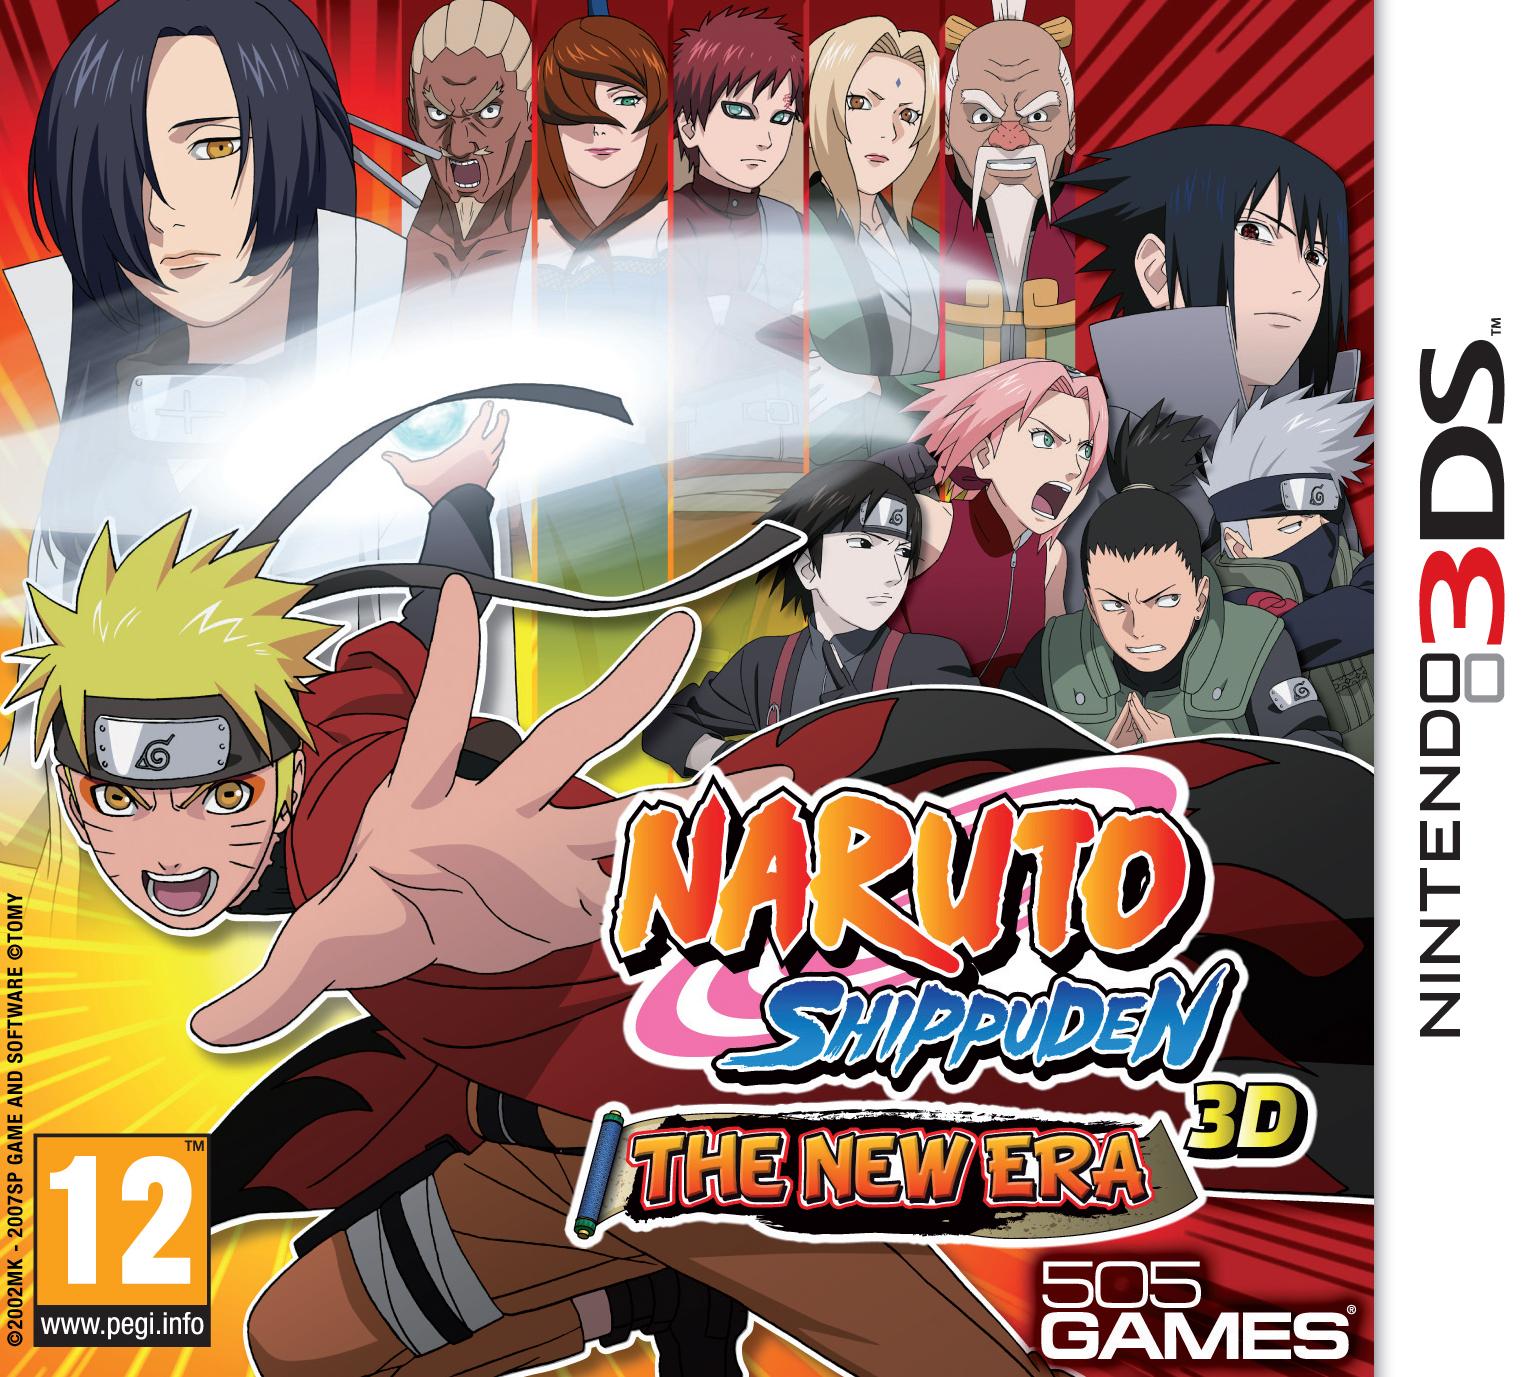 Naruto_Shippuden3D_Carátula2D